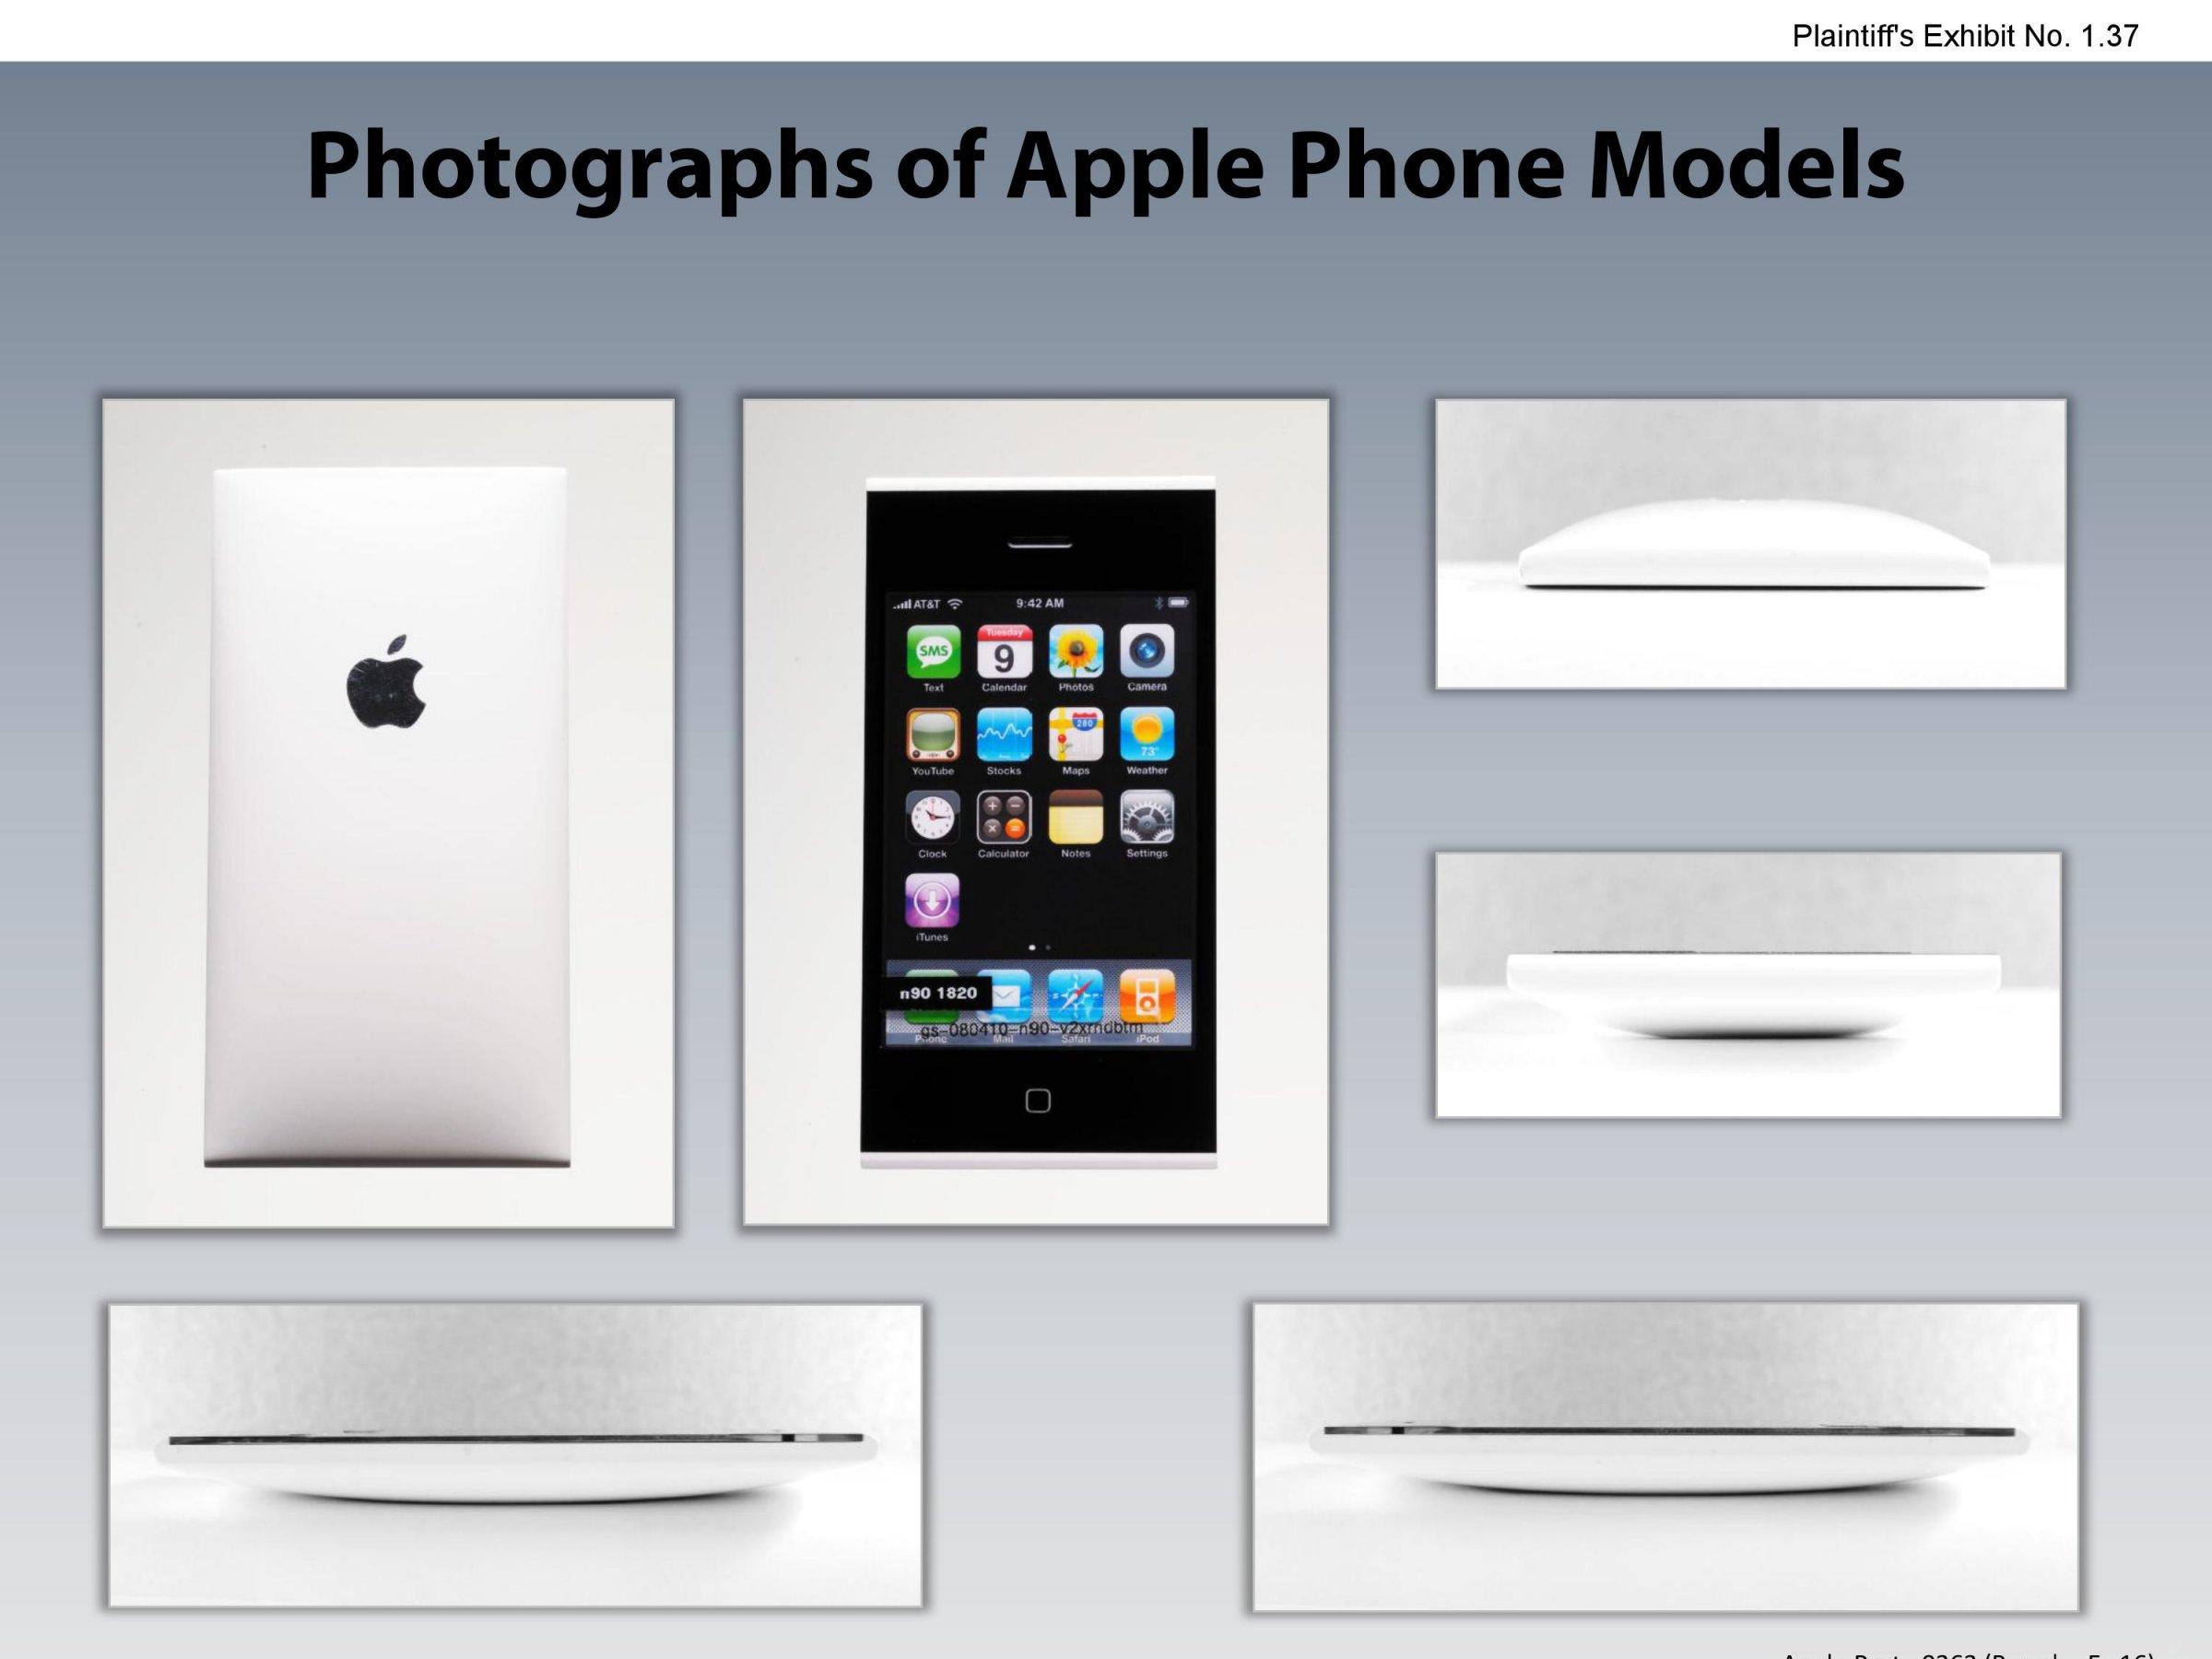 گالری طراحی های اولیه آی فون های اپل که هیچگاه نهایی نشدند